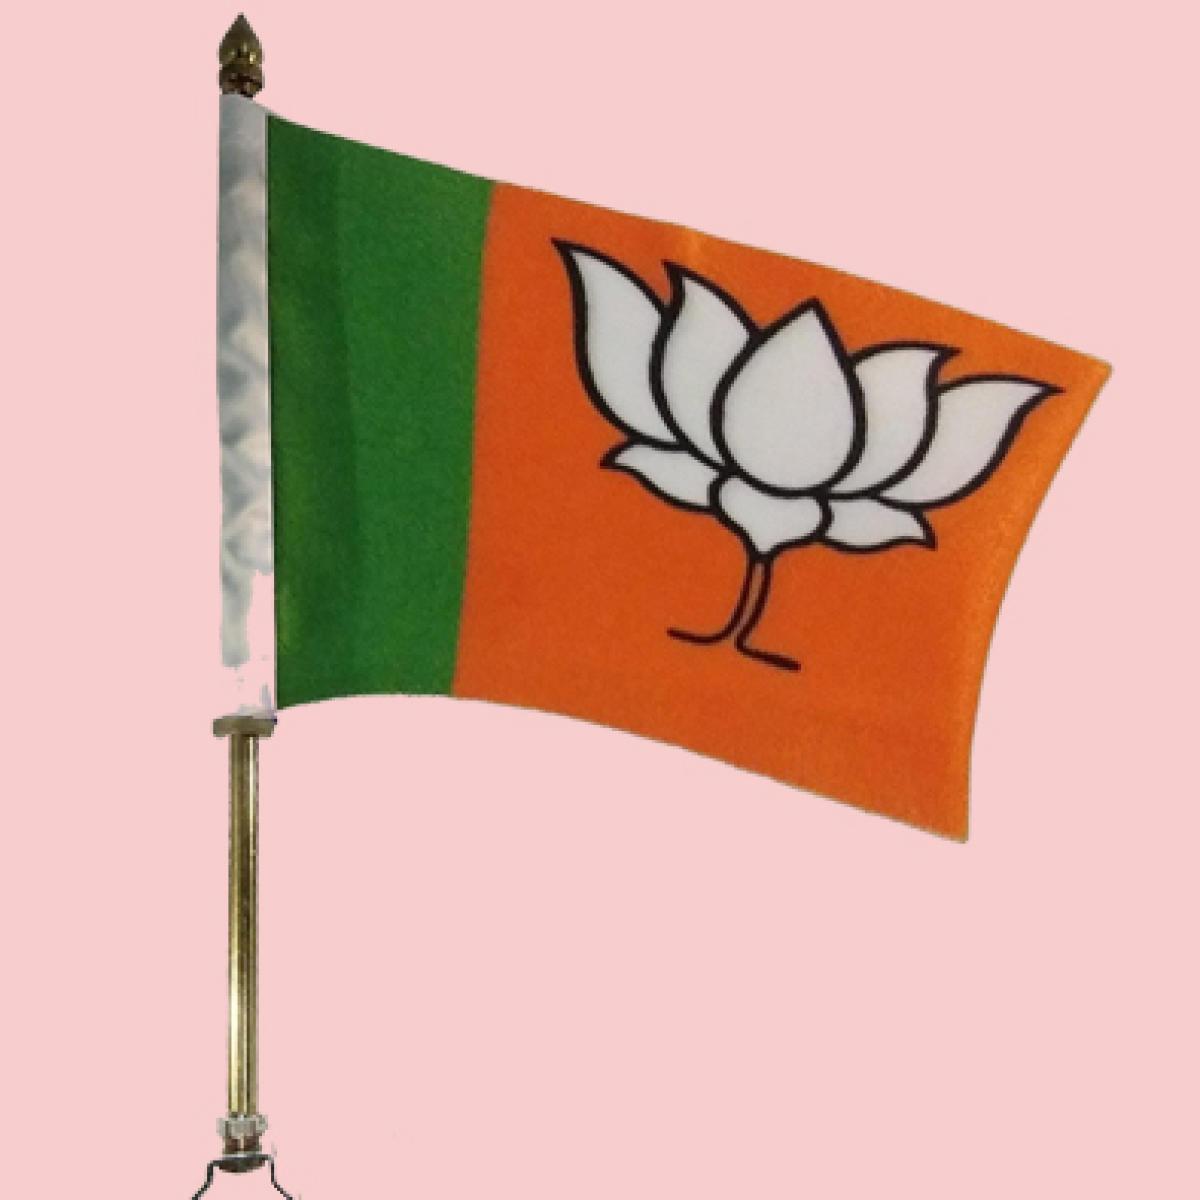 Perilous politics of polarisation